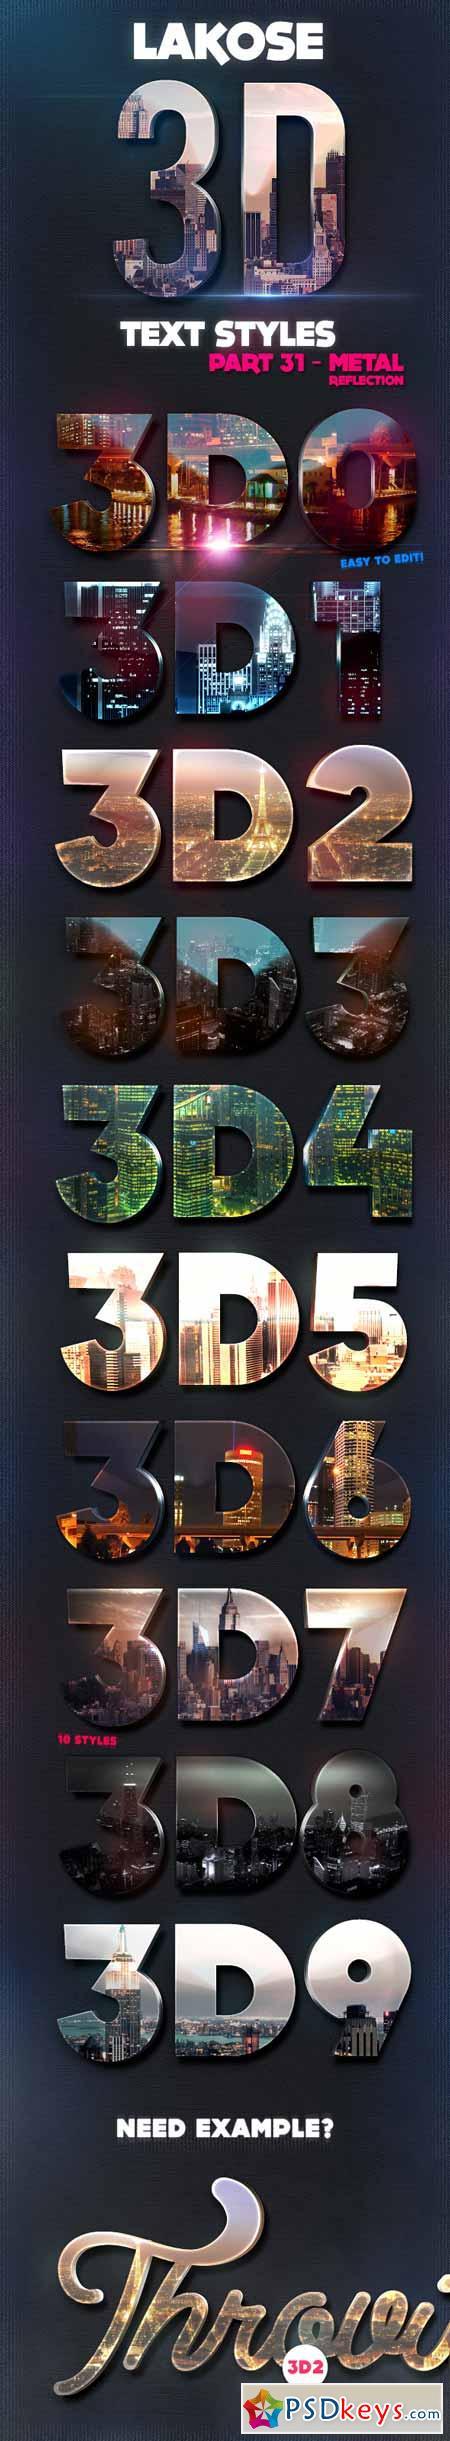 Lakose 3D Text Styles Part 31